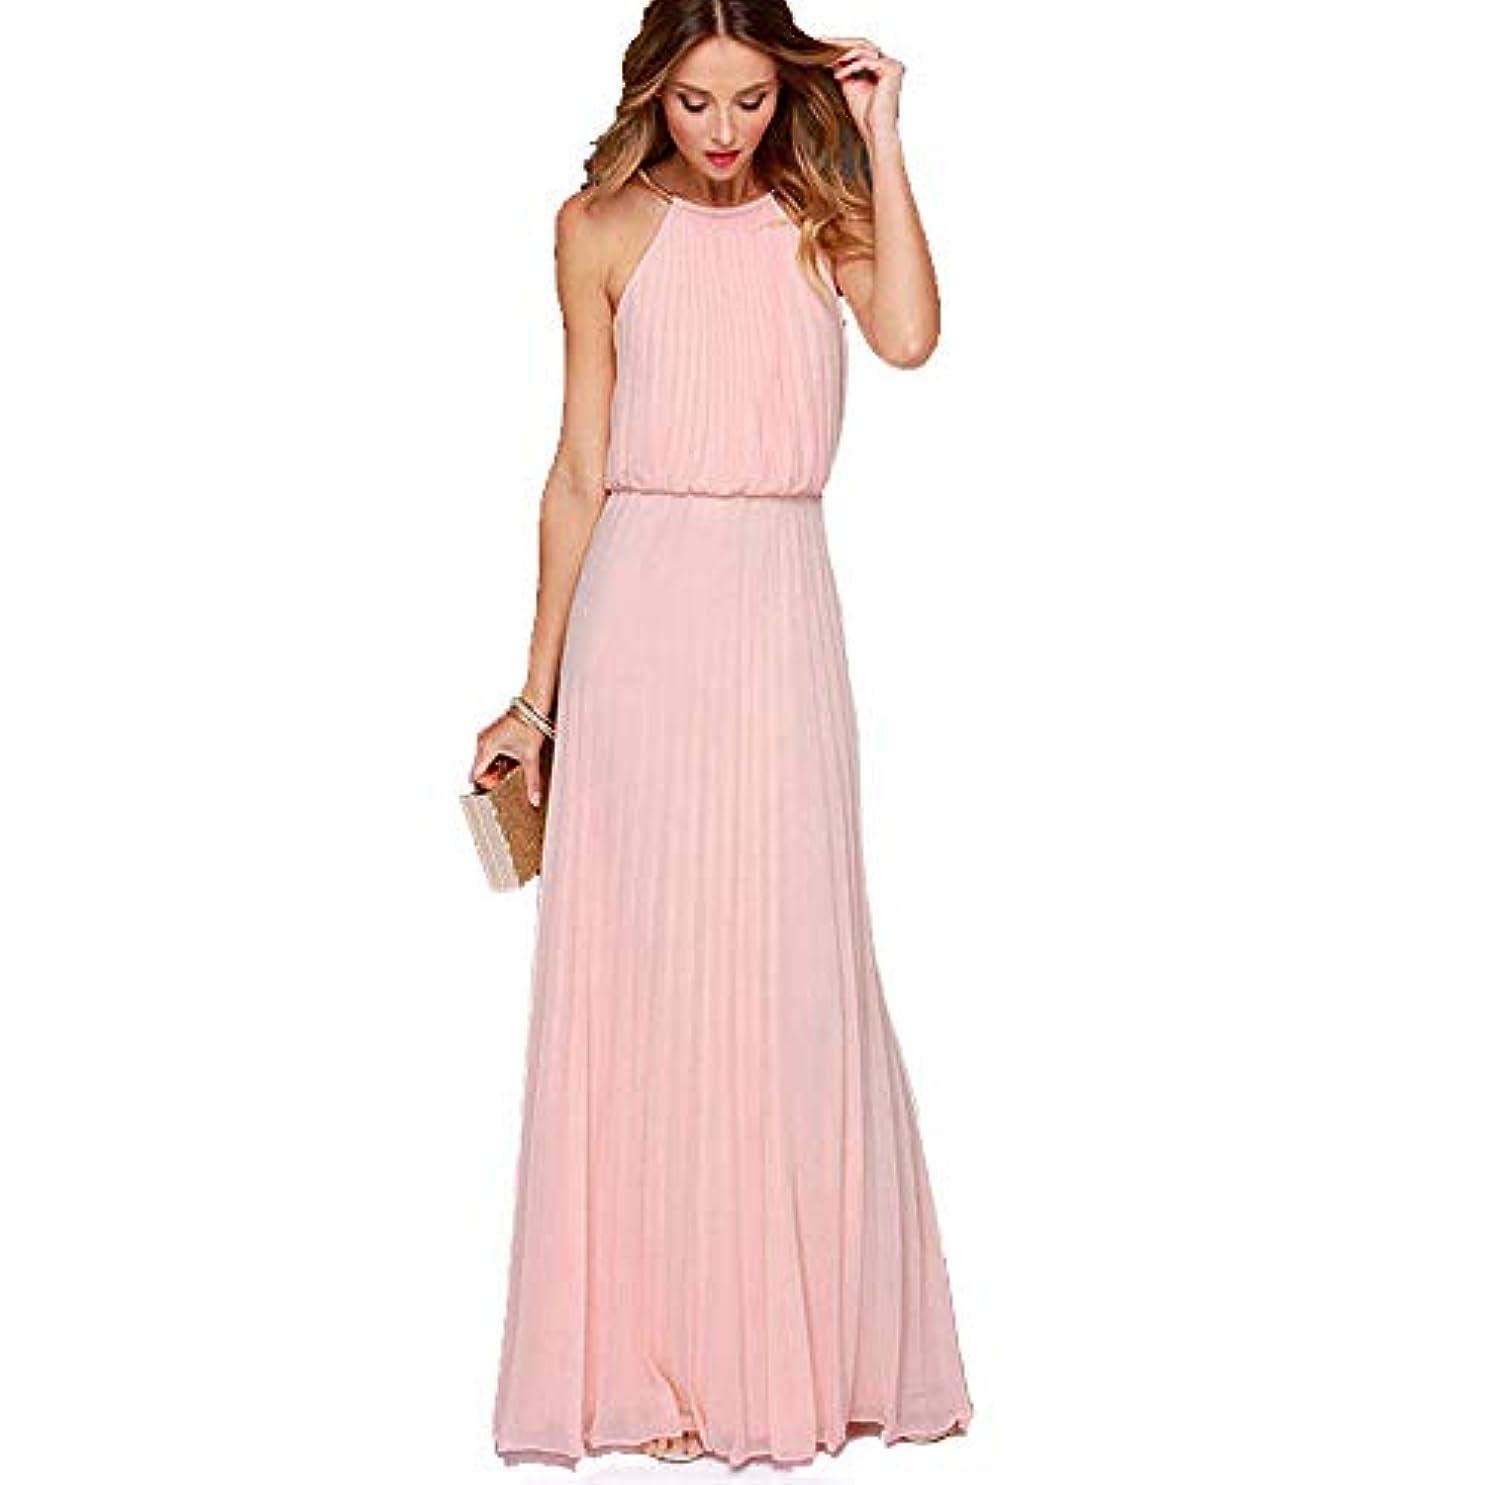 状ホームレス収縮MIFANロングドレス、セクシーなドレス、エレガント、女性のファッション、ノースリーブのドレス、ファッションドレス、ニット、スリム